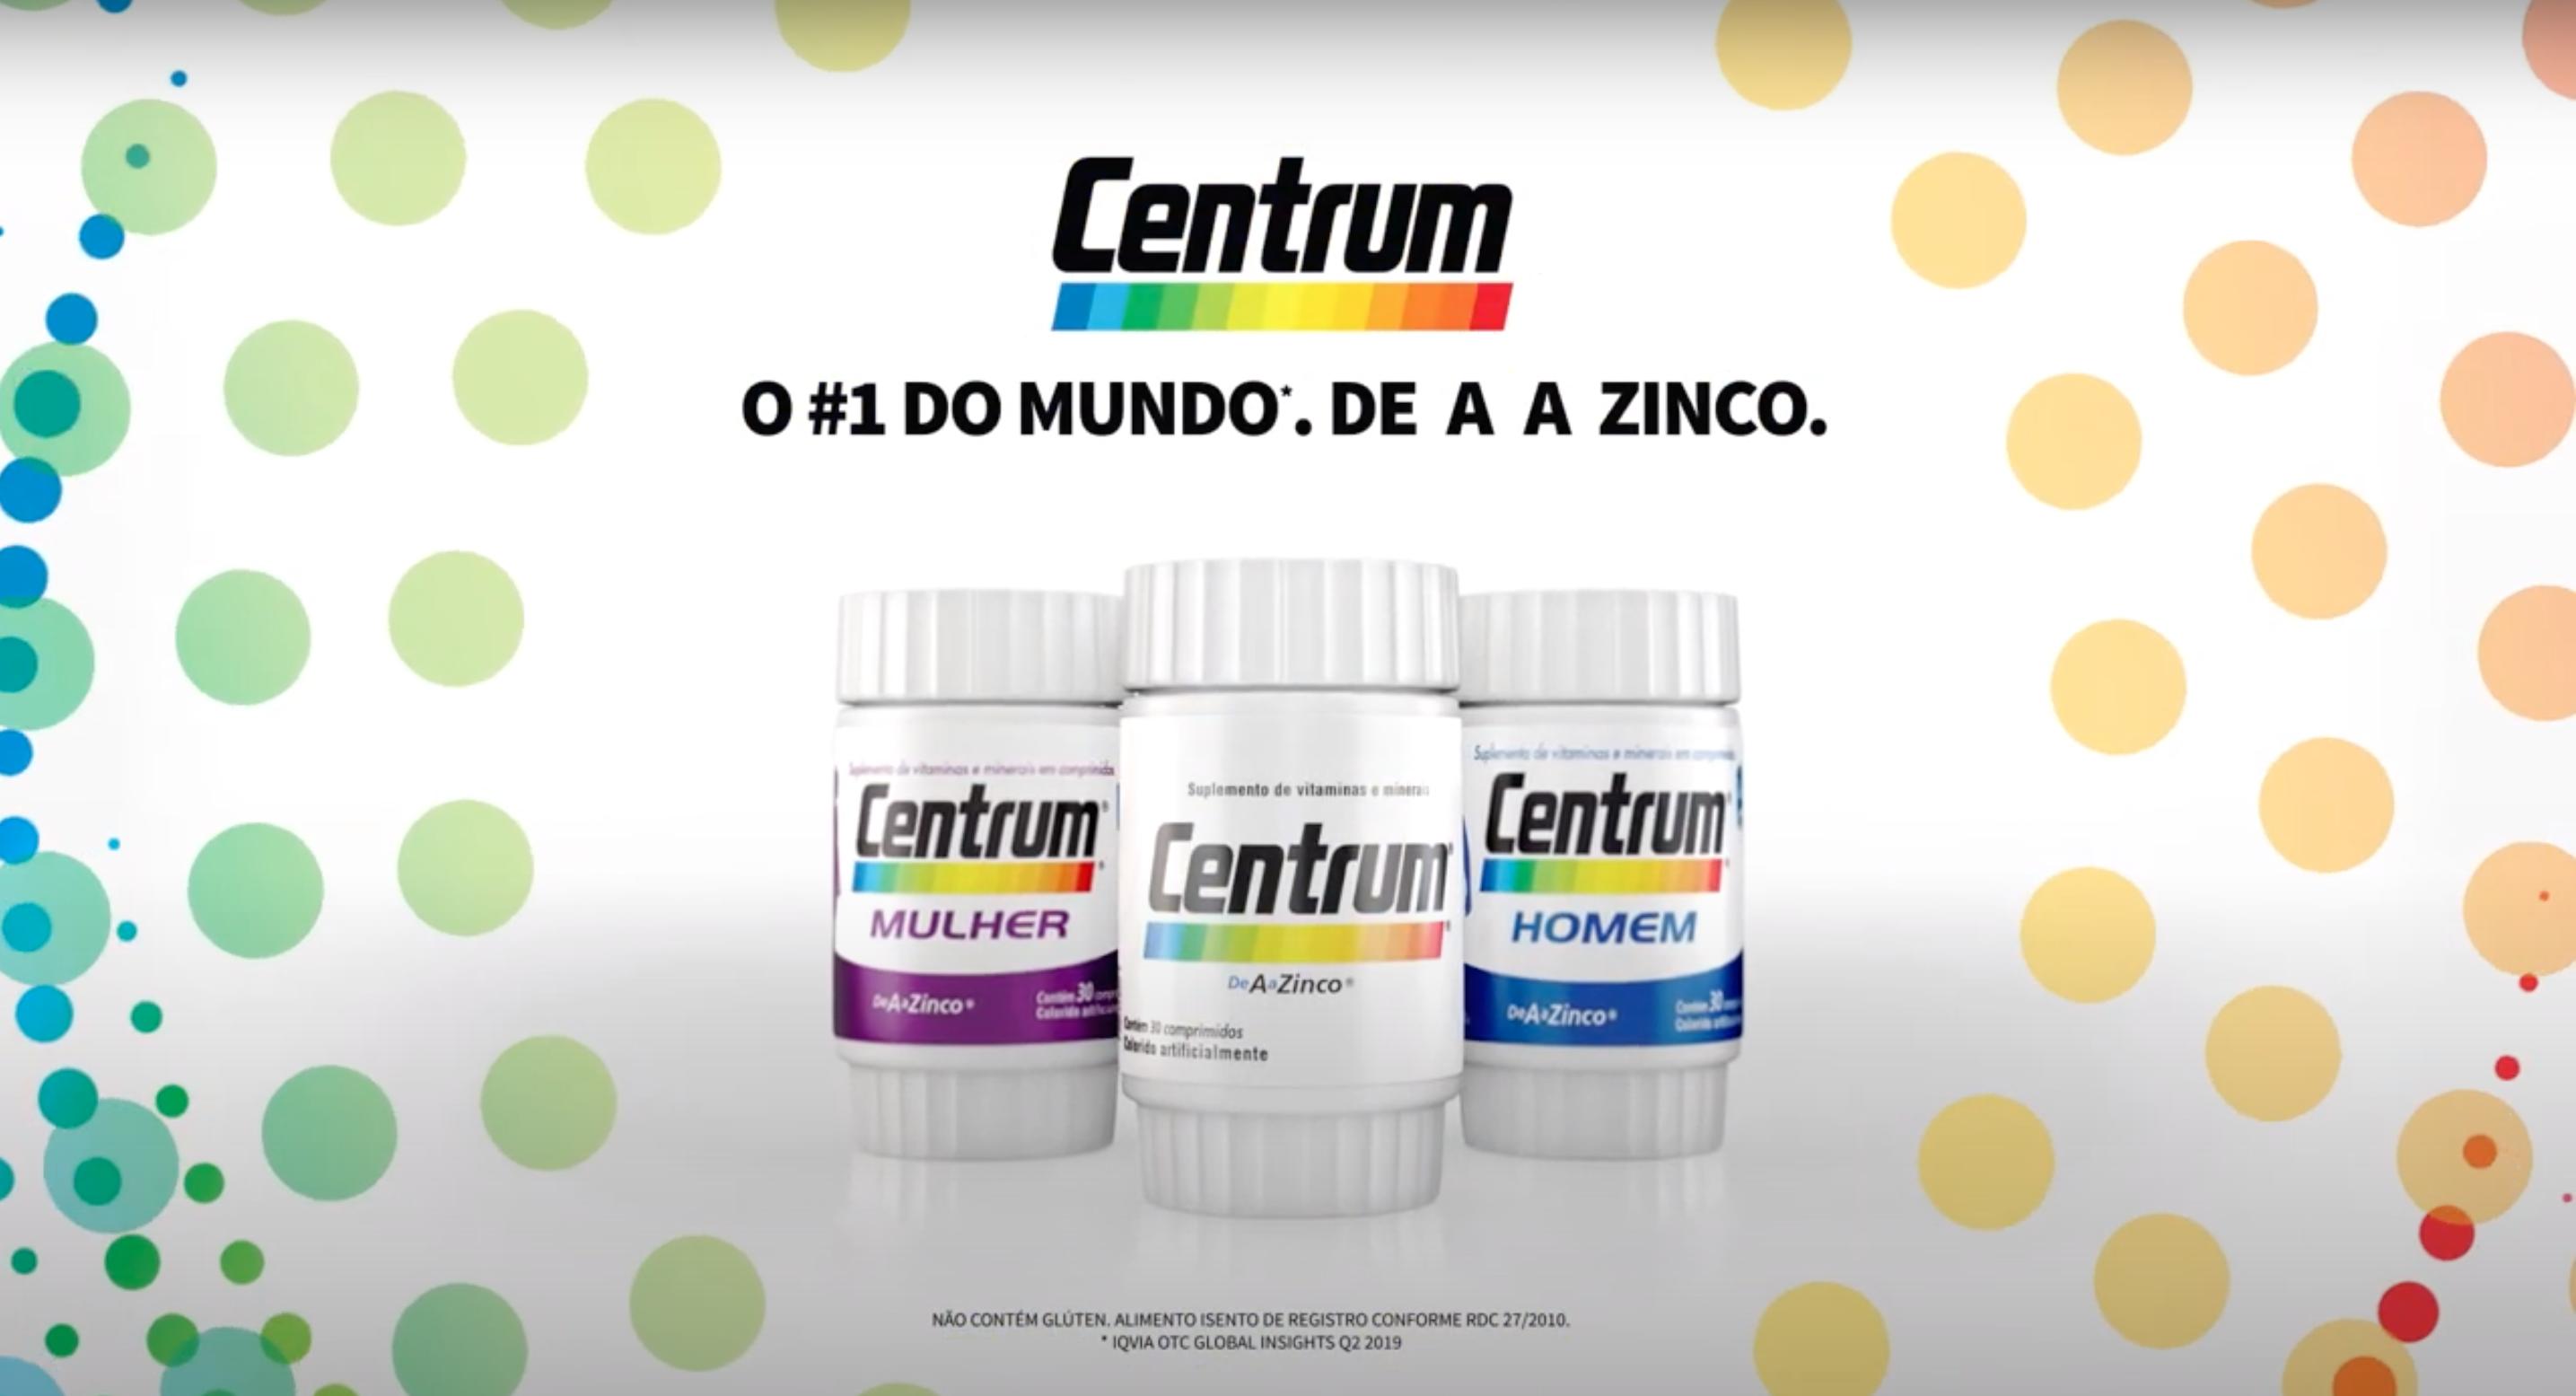 Centrum lança campanha sobre imunidade